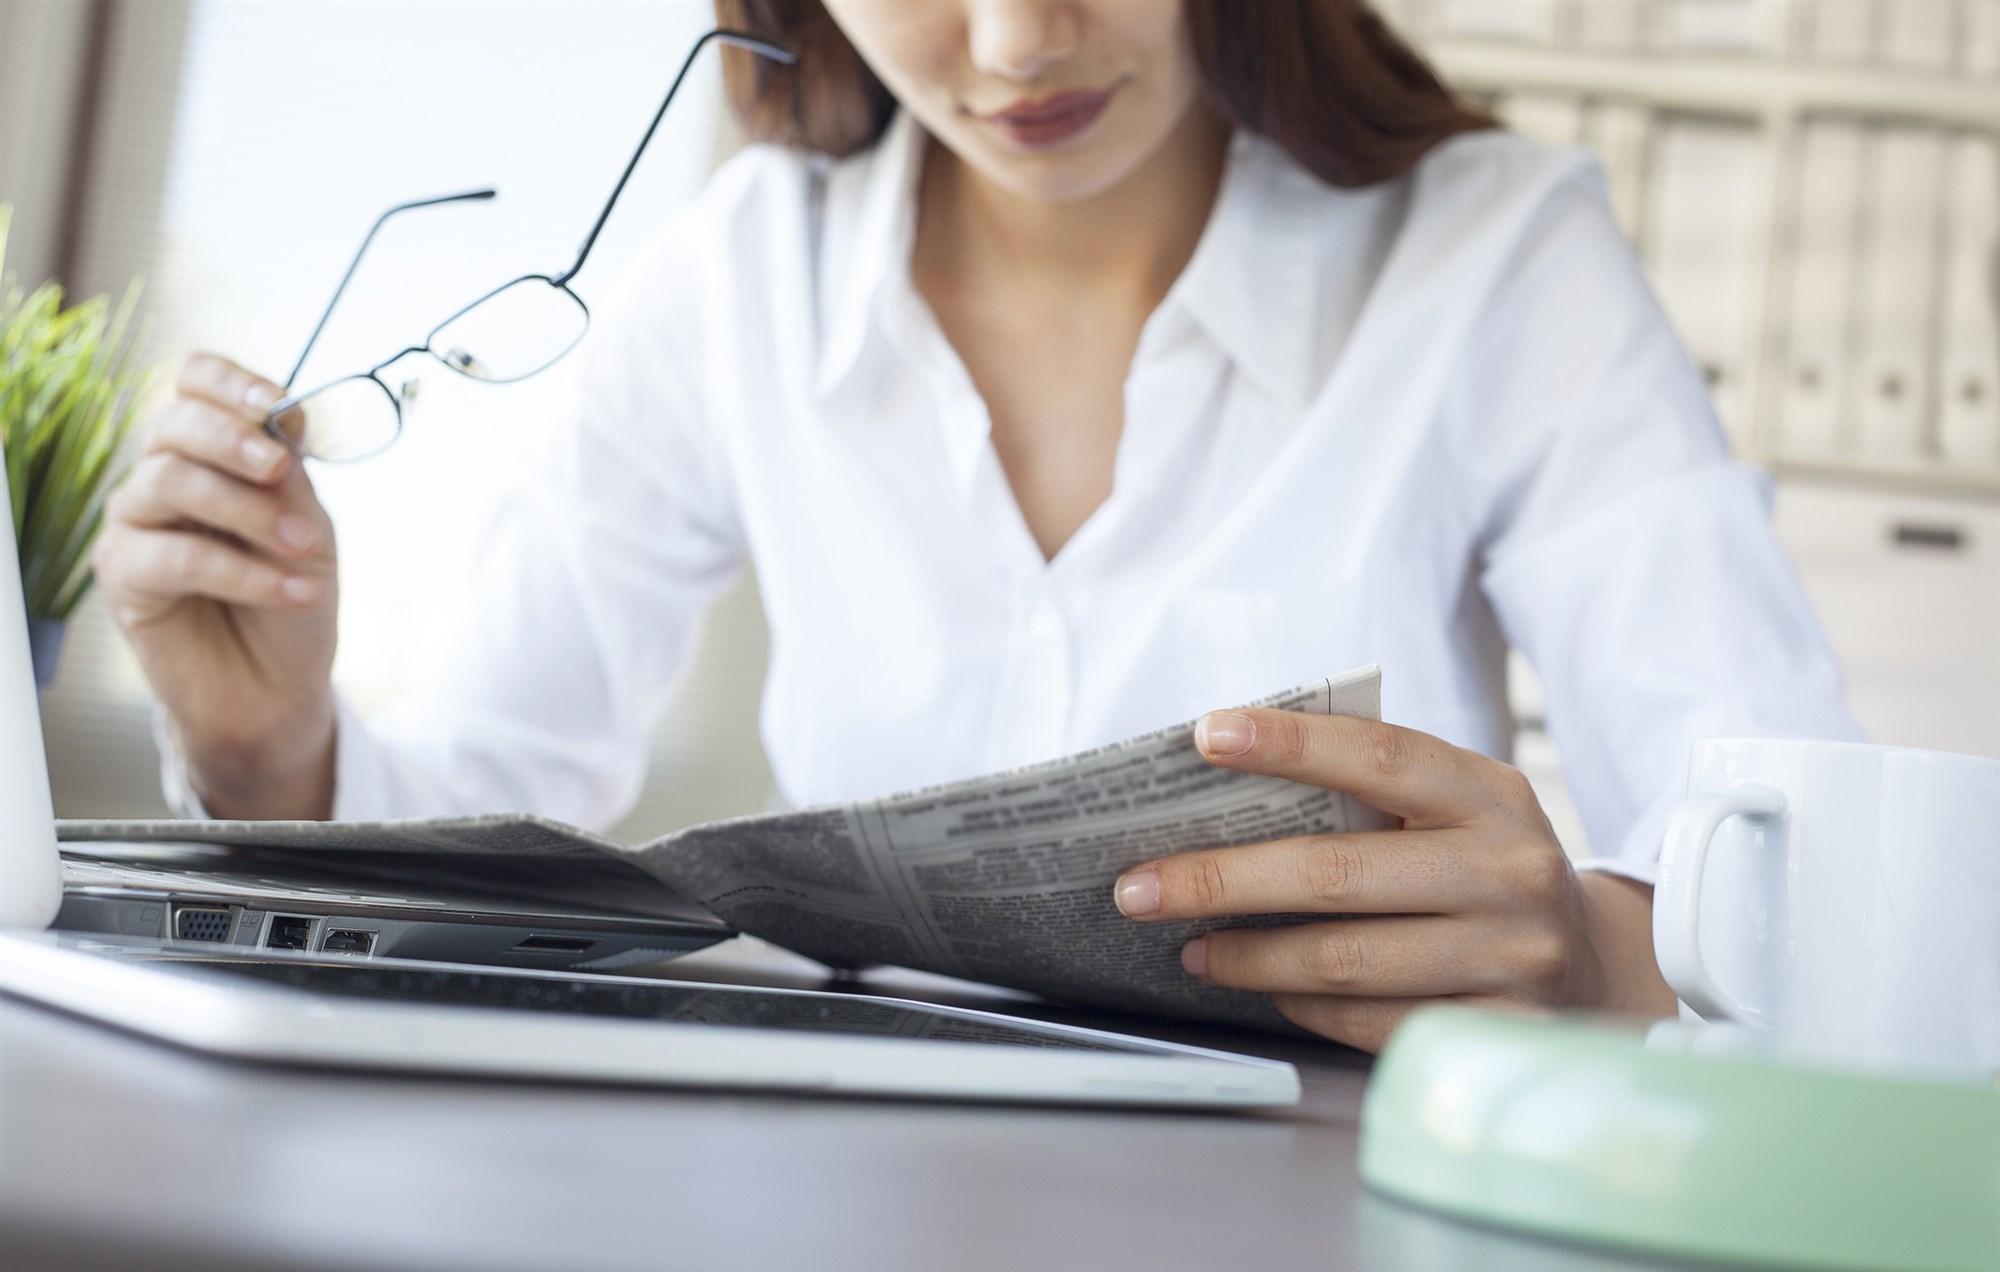 180705-woman-reading-news-dk_5c79d65a34a99f47e3fce86bbefe01dd.fit-2000w.jpg